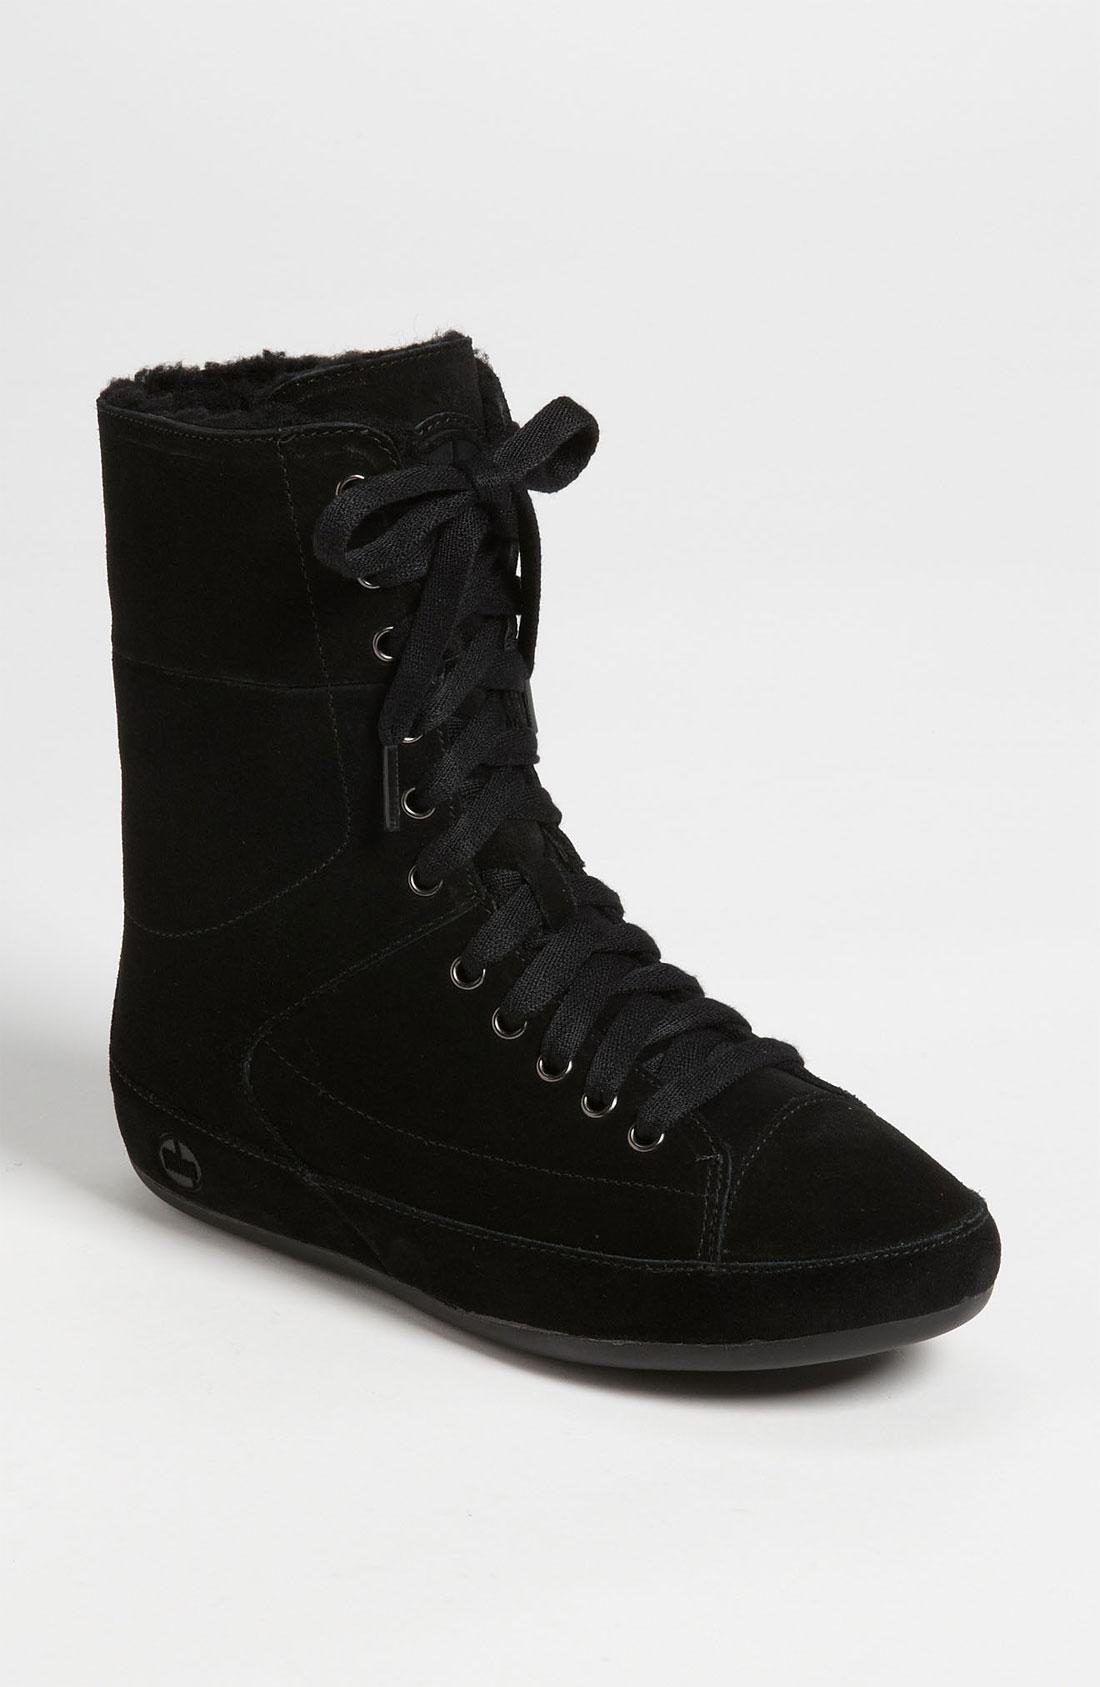 3cb754d2b13d Fitflop Polar Sneaker Boots